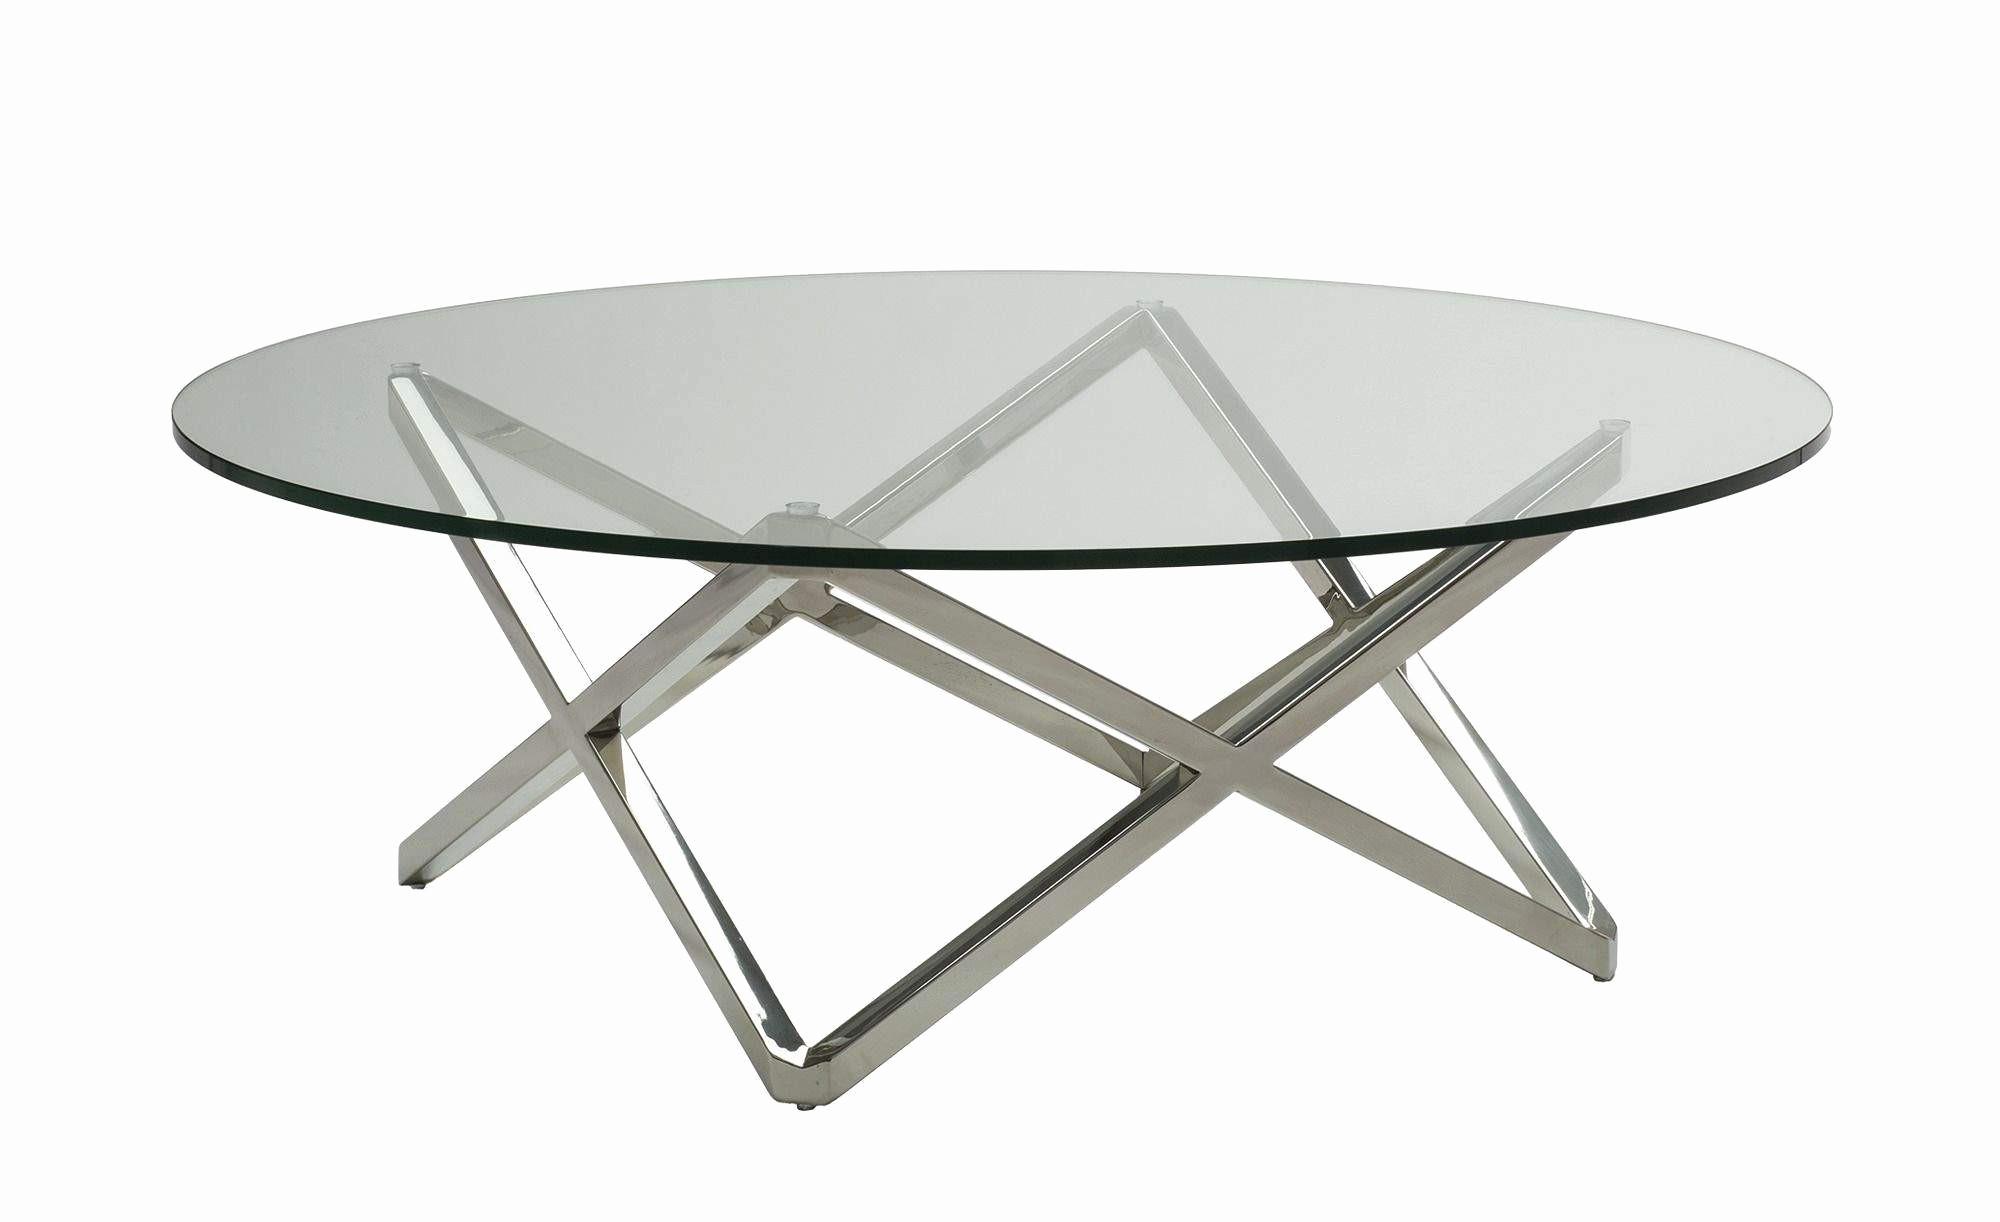 Full Size of Gartentisch Ikea Plastik Tisch Frisch Garten Sinnreich Kunststoff Küche Kosten Betten Bei Miniküche Kaufen Sofa Mit Schlaffunktion Modulküche 160x200 Wohnzimmer Gartentisch Ikea